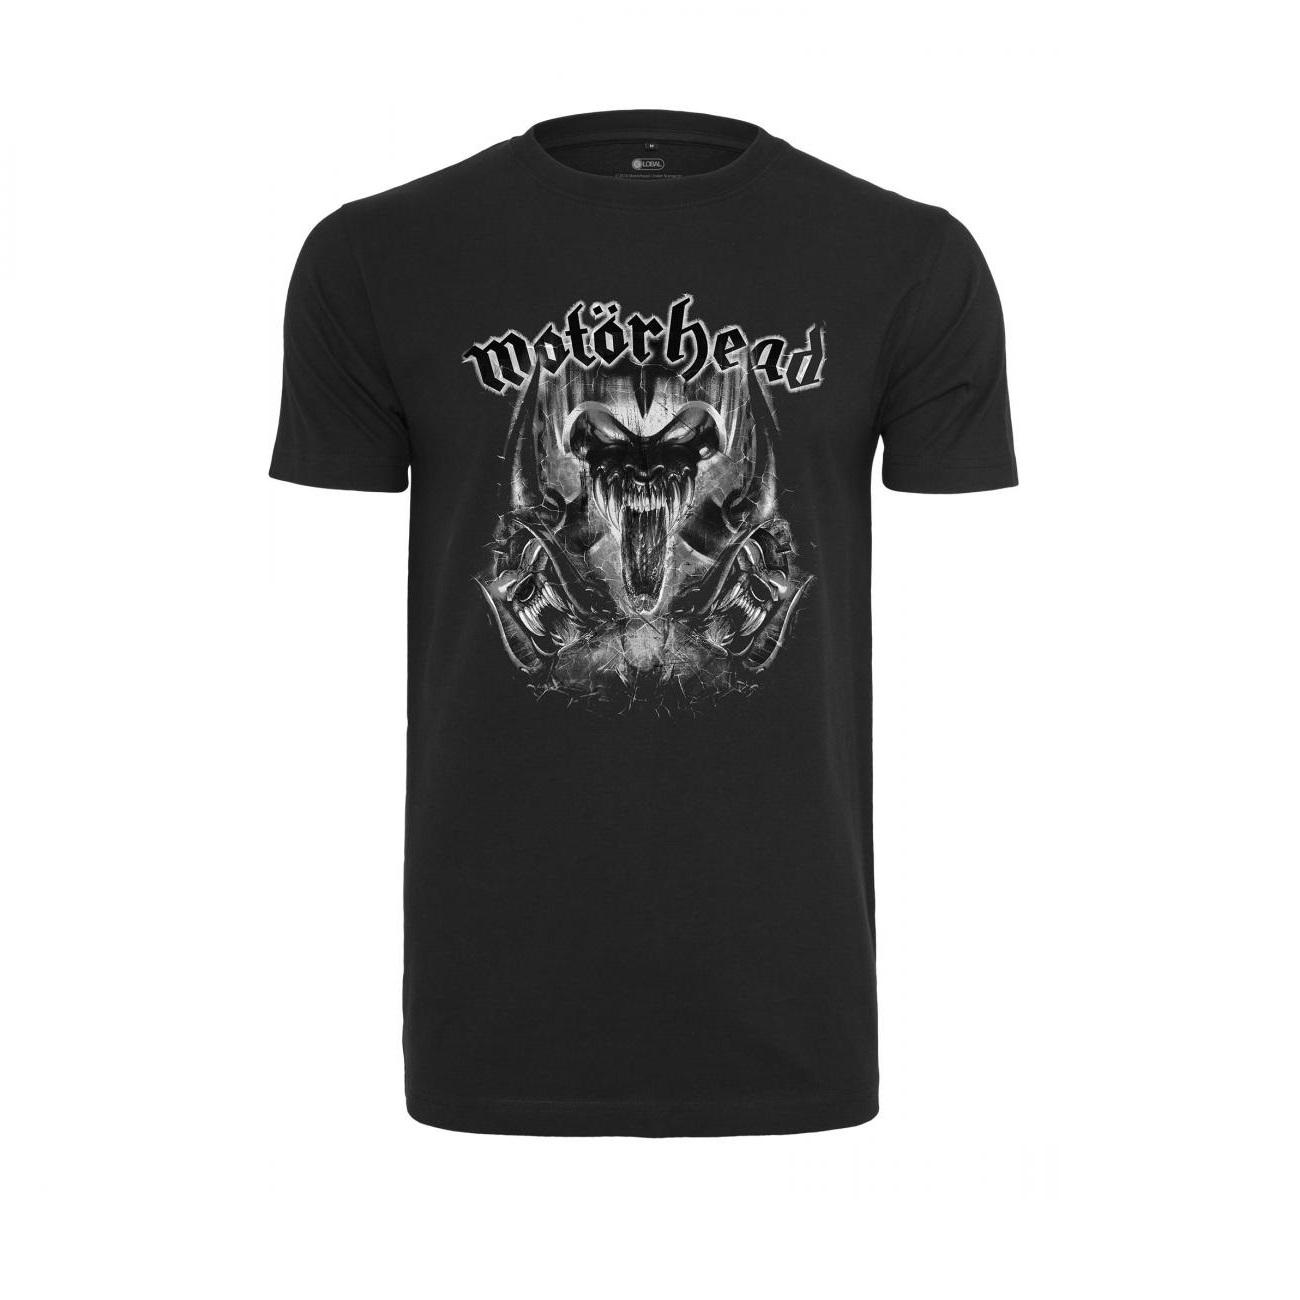 Motörhead - Tričko Warpig Tee - Muž, Čierna, XXL